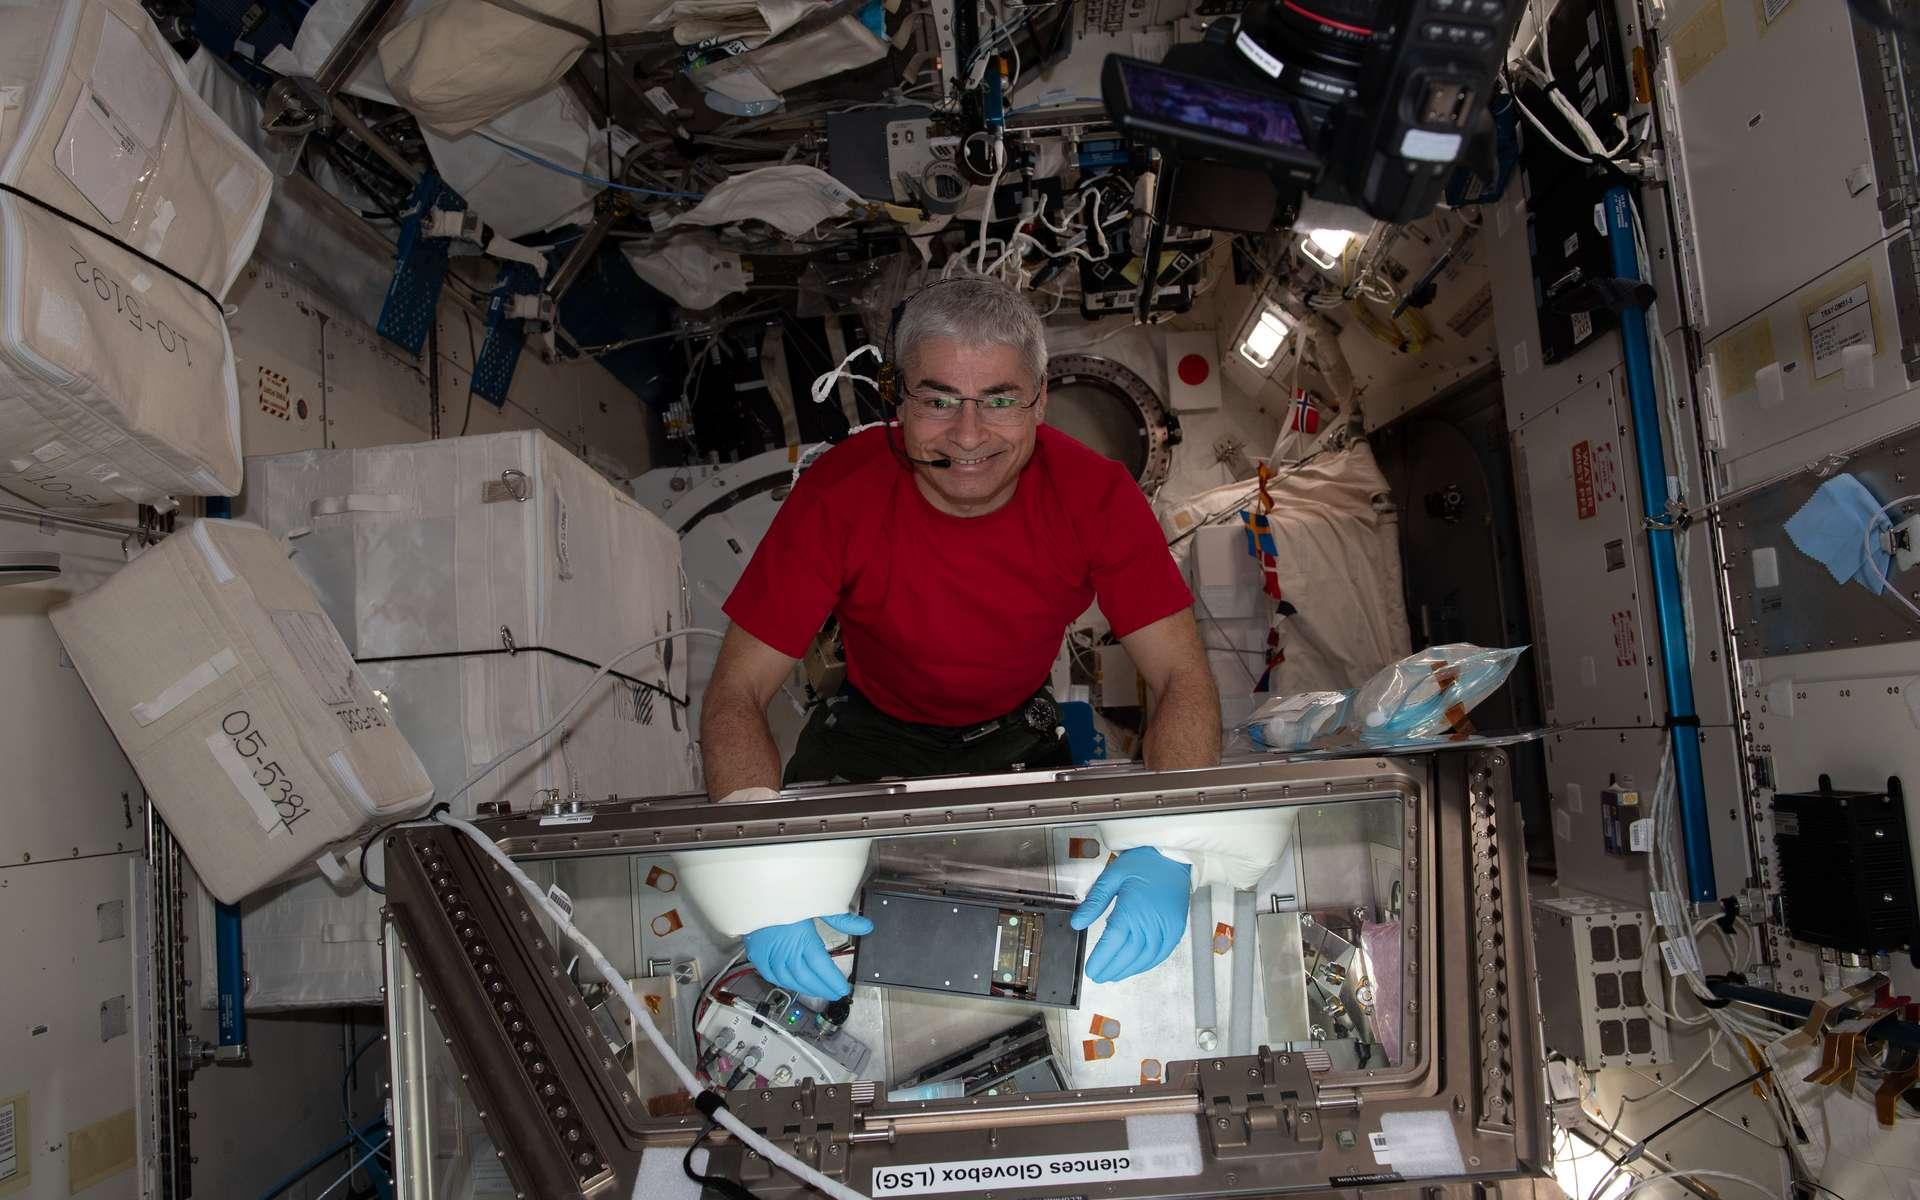 L'astronaute Mark Vande Hei travaille sur le projet de recherche Kidney Cells-02 qui vise à améliorer le traitement des calculs rénaux et de l'ostéoporose. © Nasa